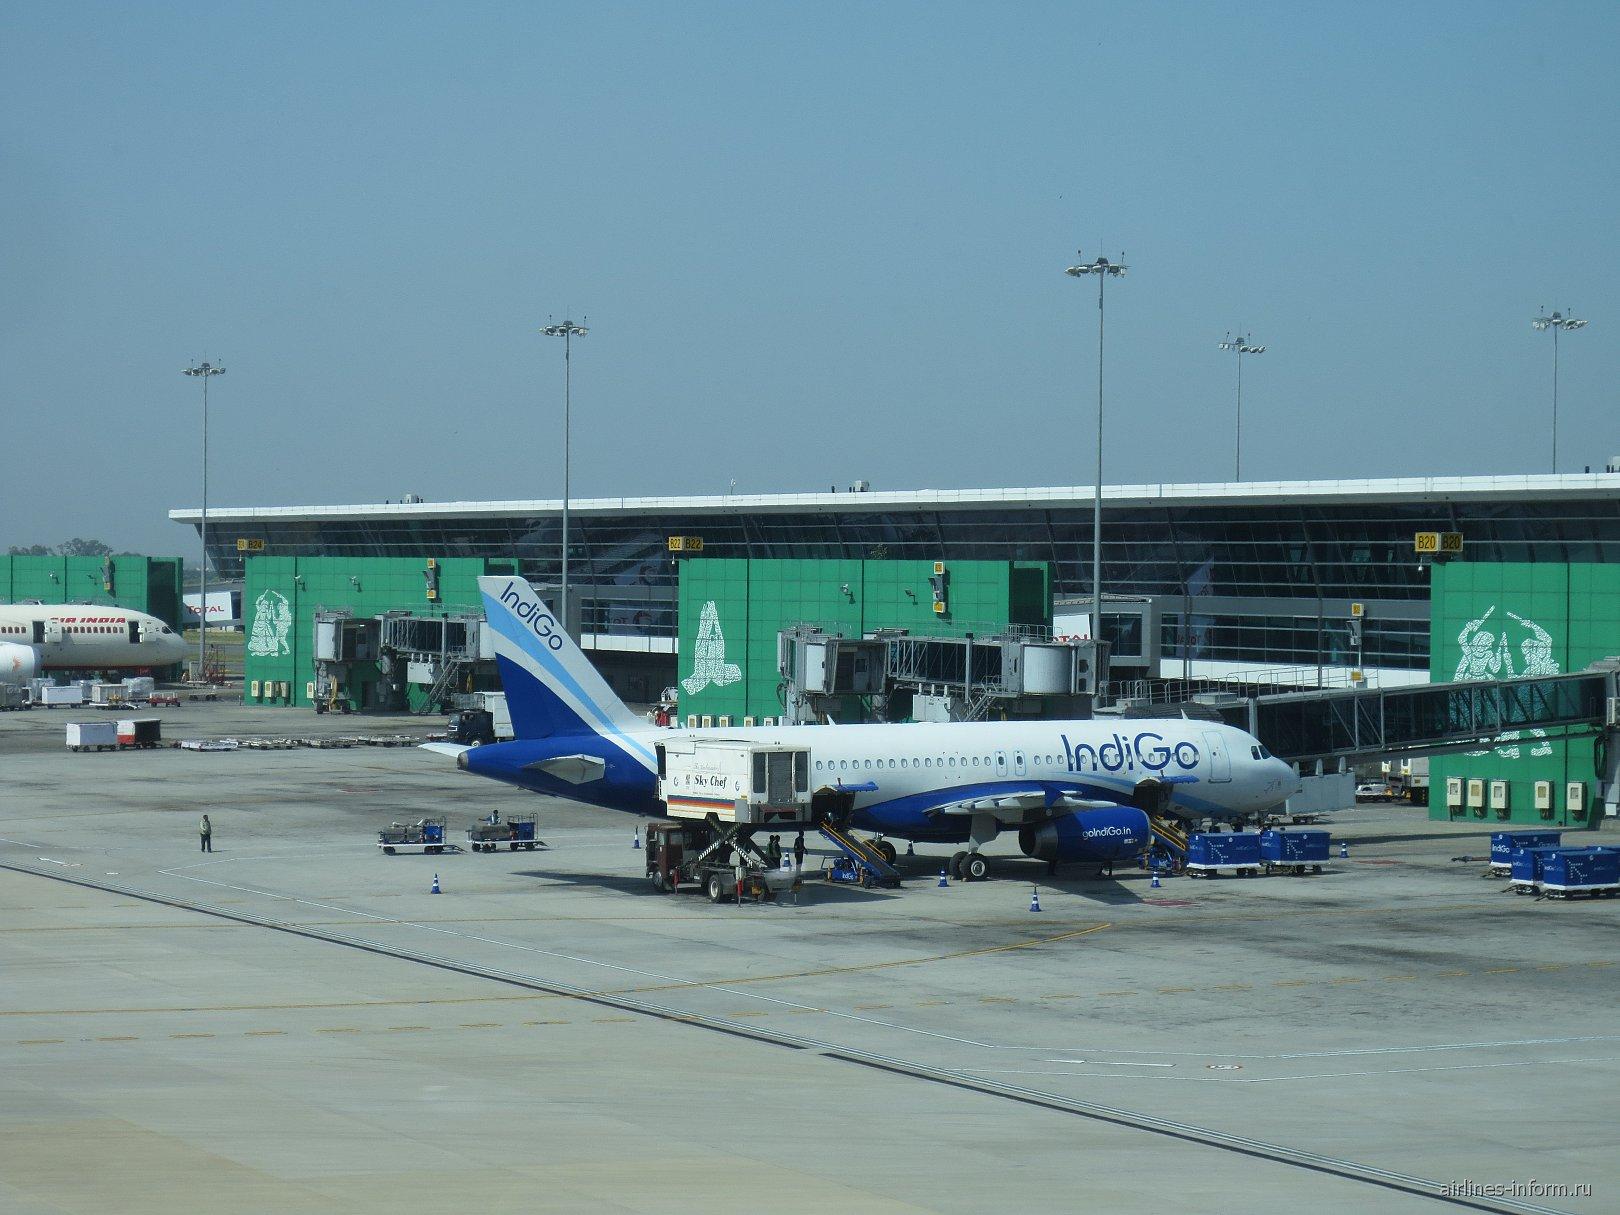 Airbus A320 авиакомпании IndiGo в аэропорту Дели имени Индиры Ганди